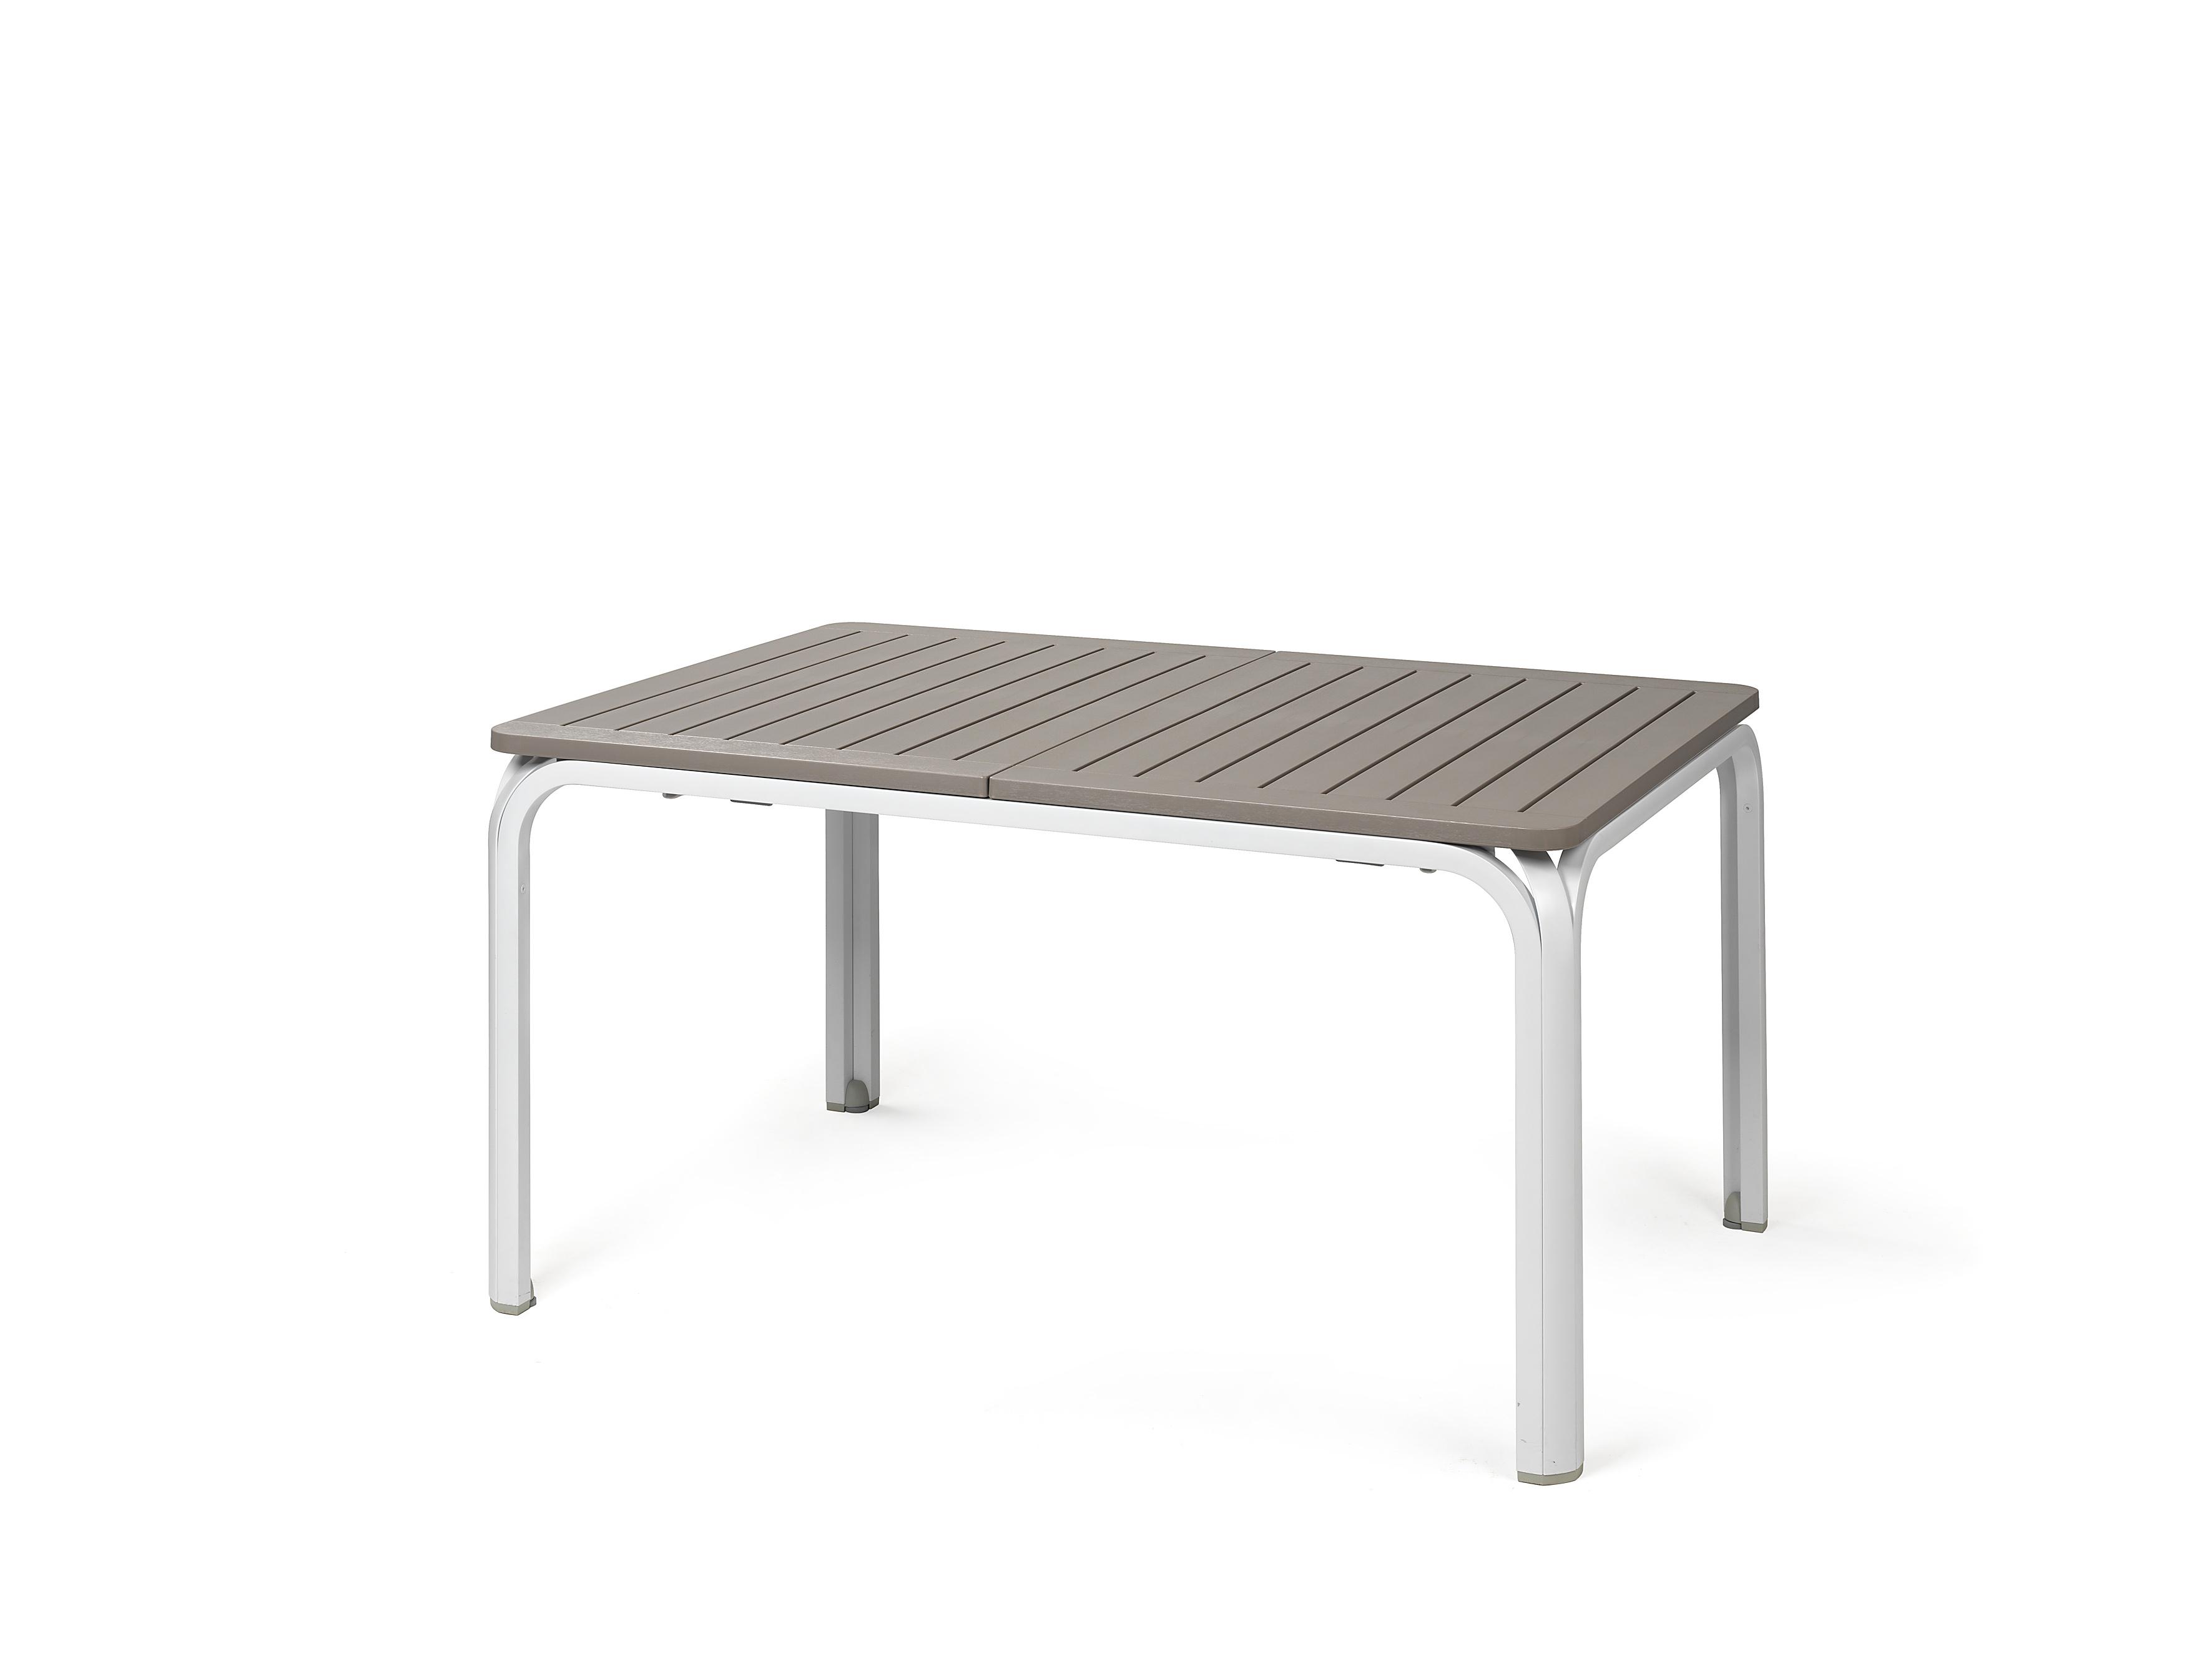 Stół Alloro Nardi 140 rozkładany 210